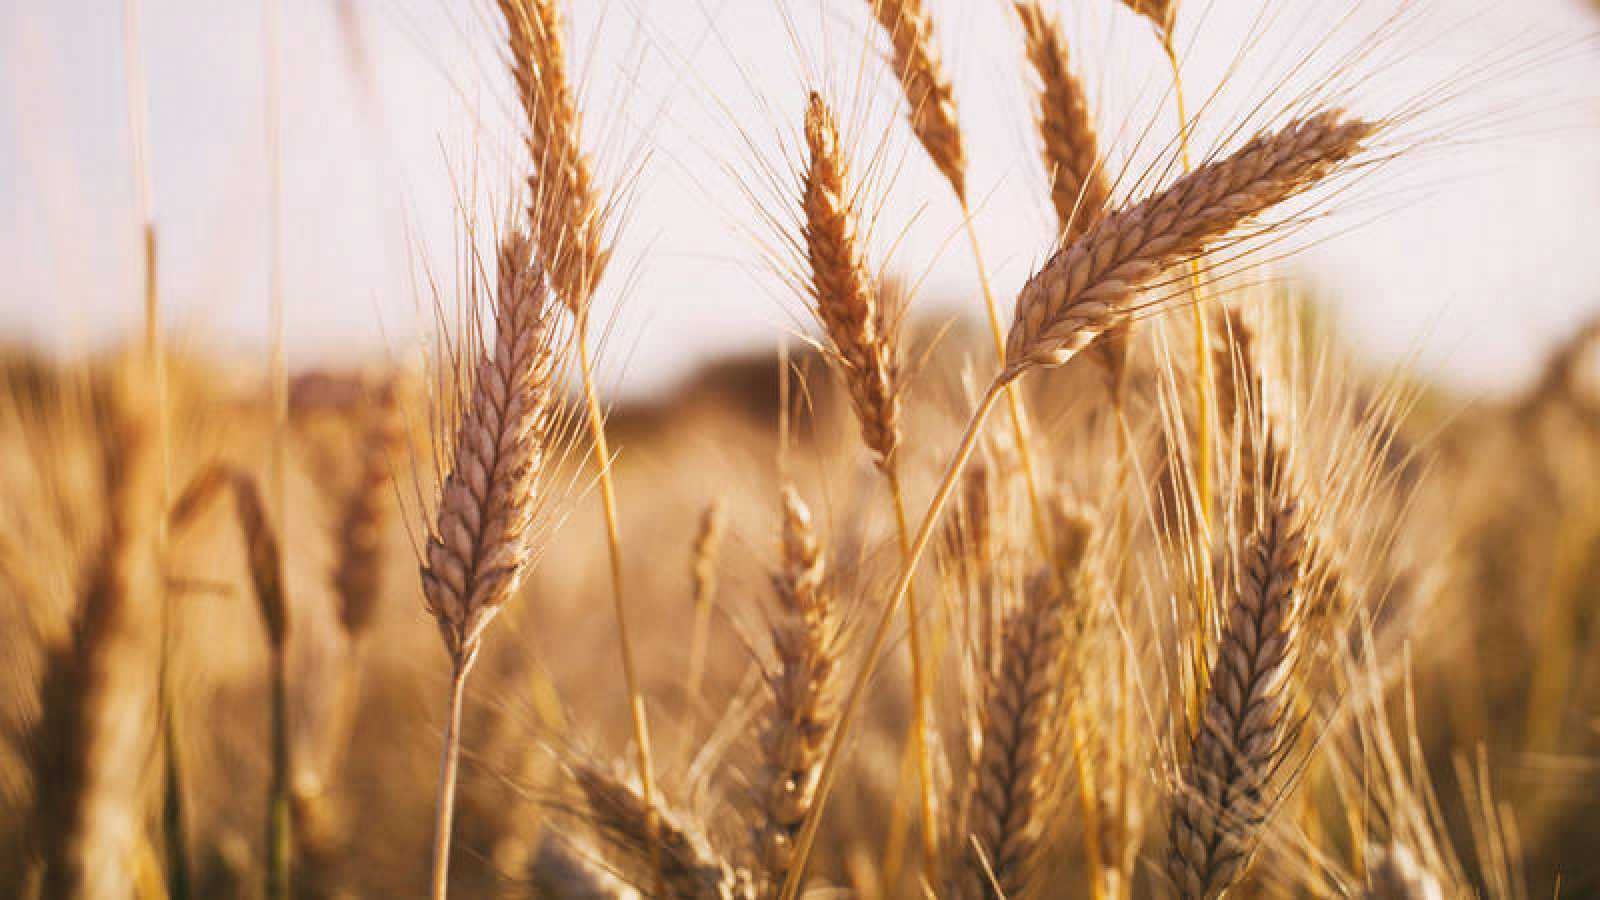 descifran el genoma del trigo rtve es